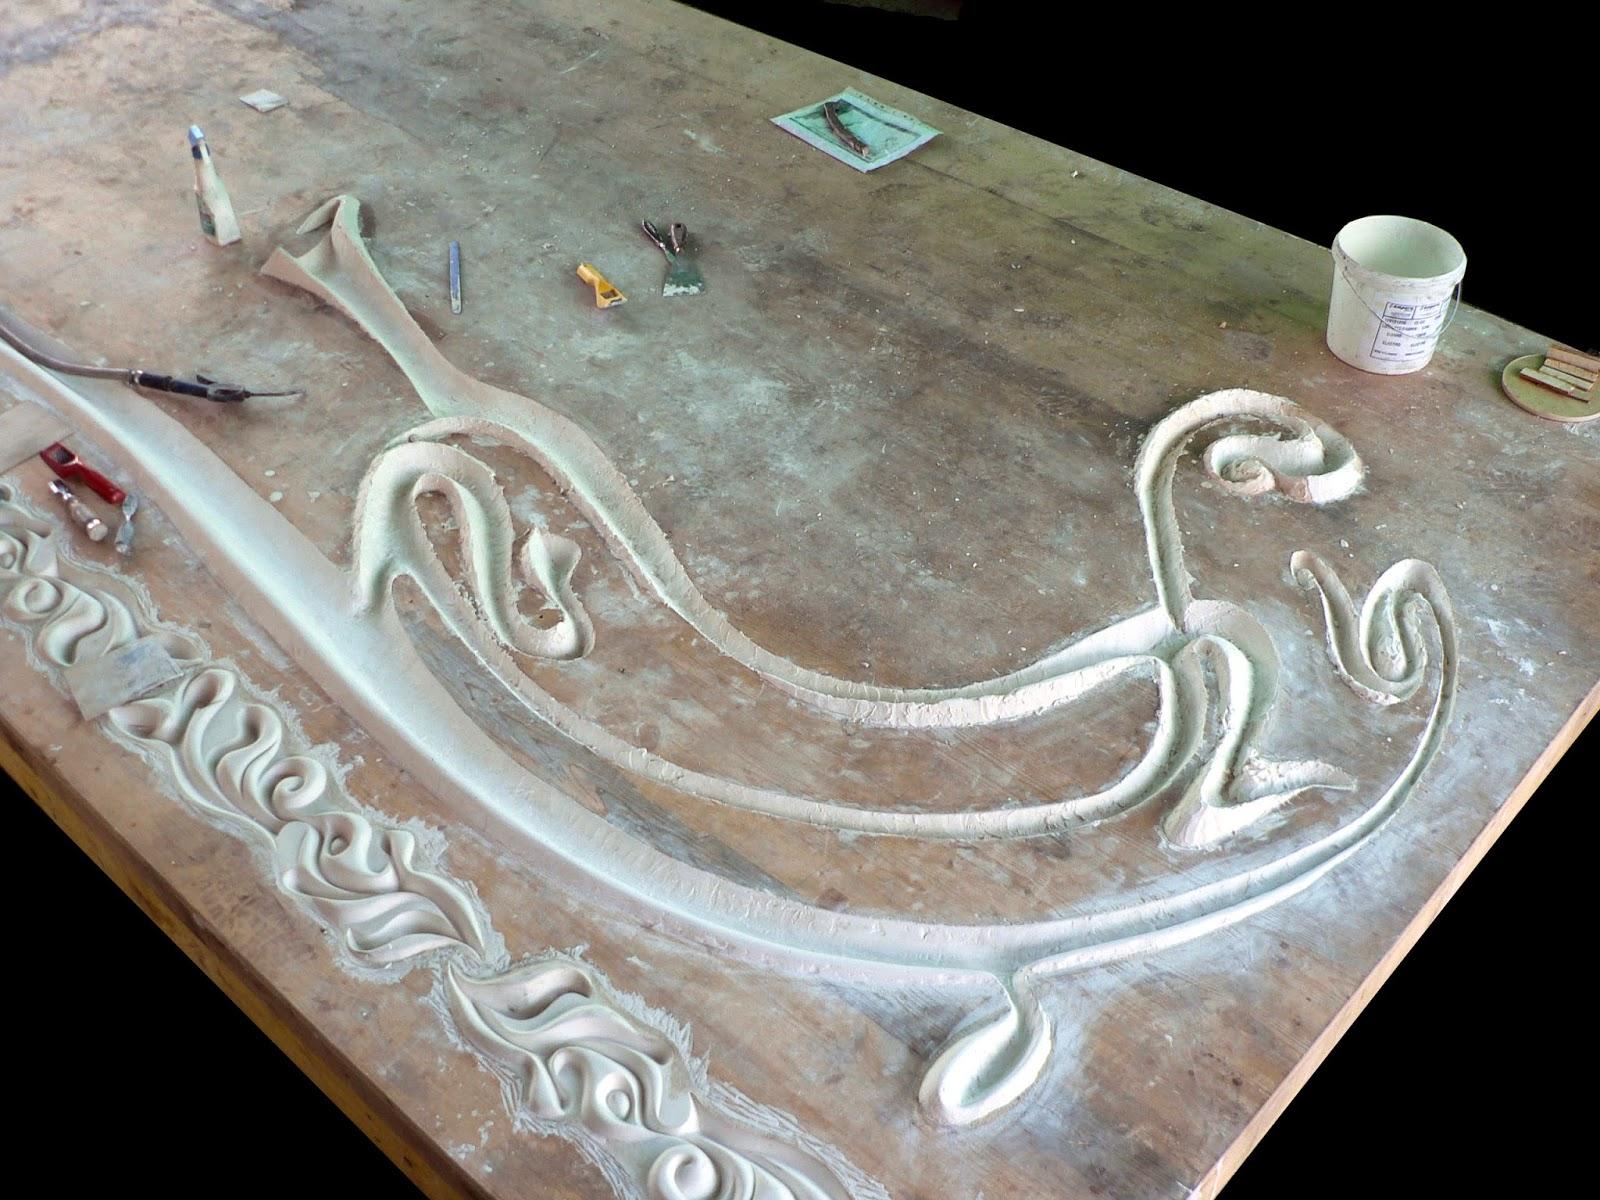 jean marc bonnard plasticien sculpteur designer retrait professeur art et technique. Black Bedroom Furniture Sets. Home Design Ideas